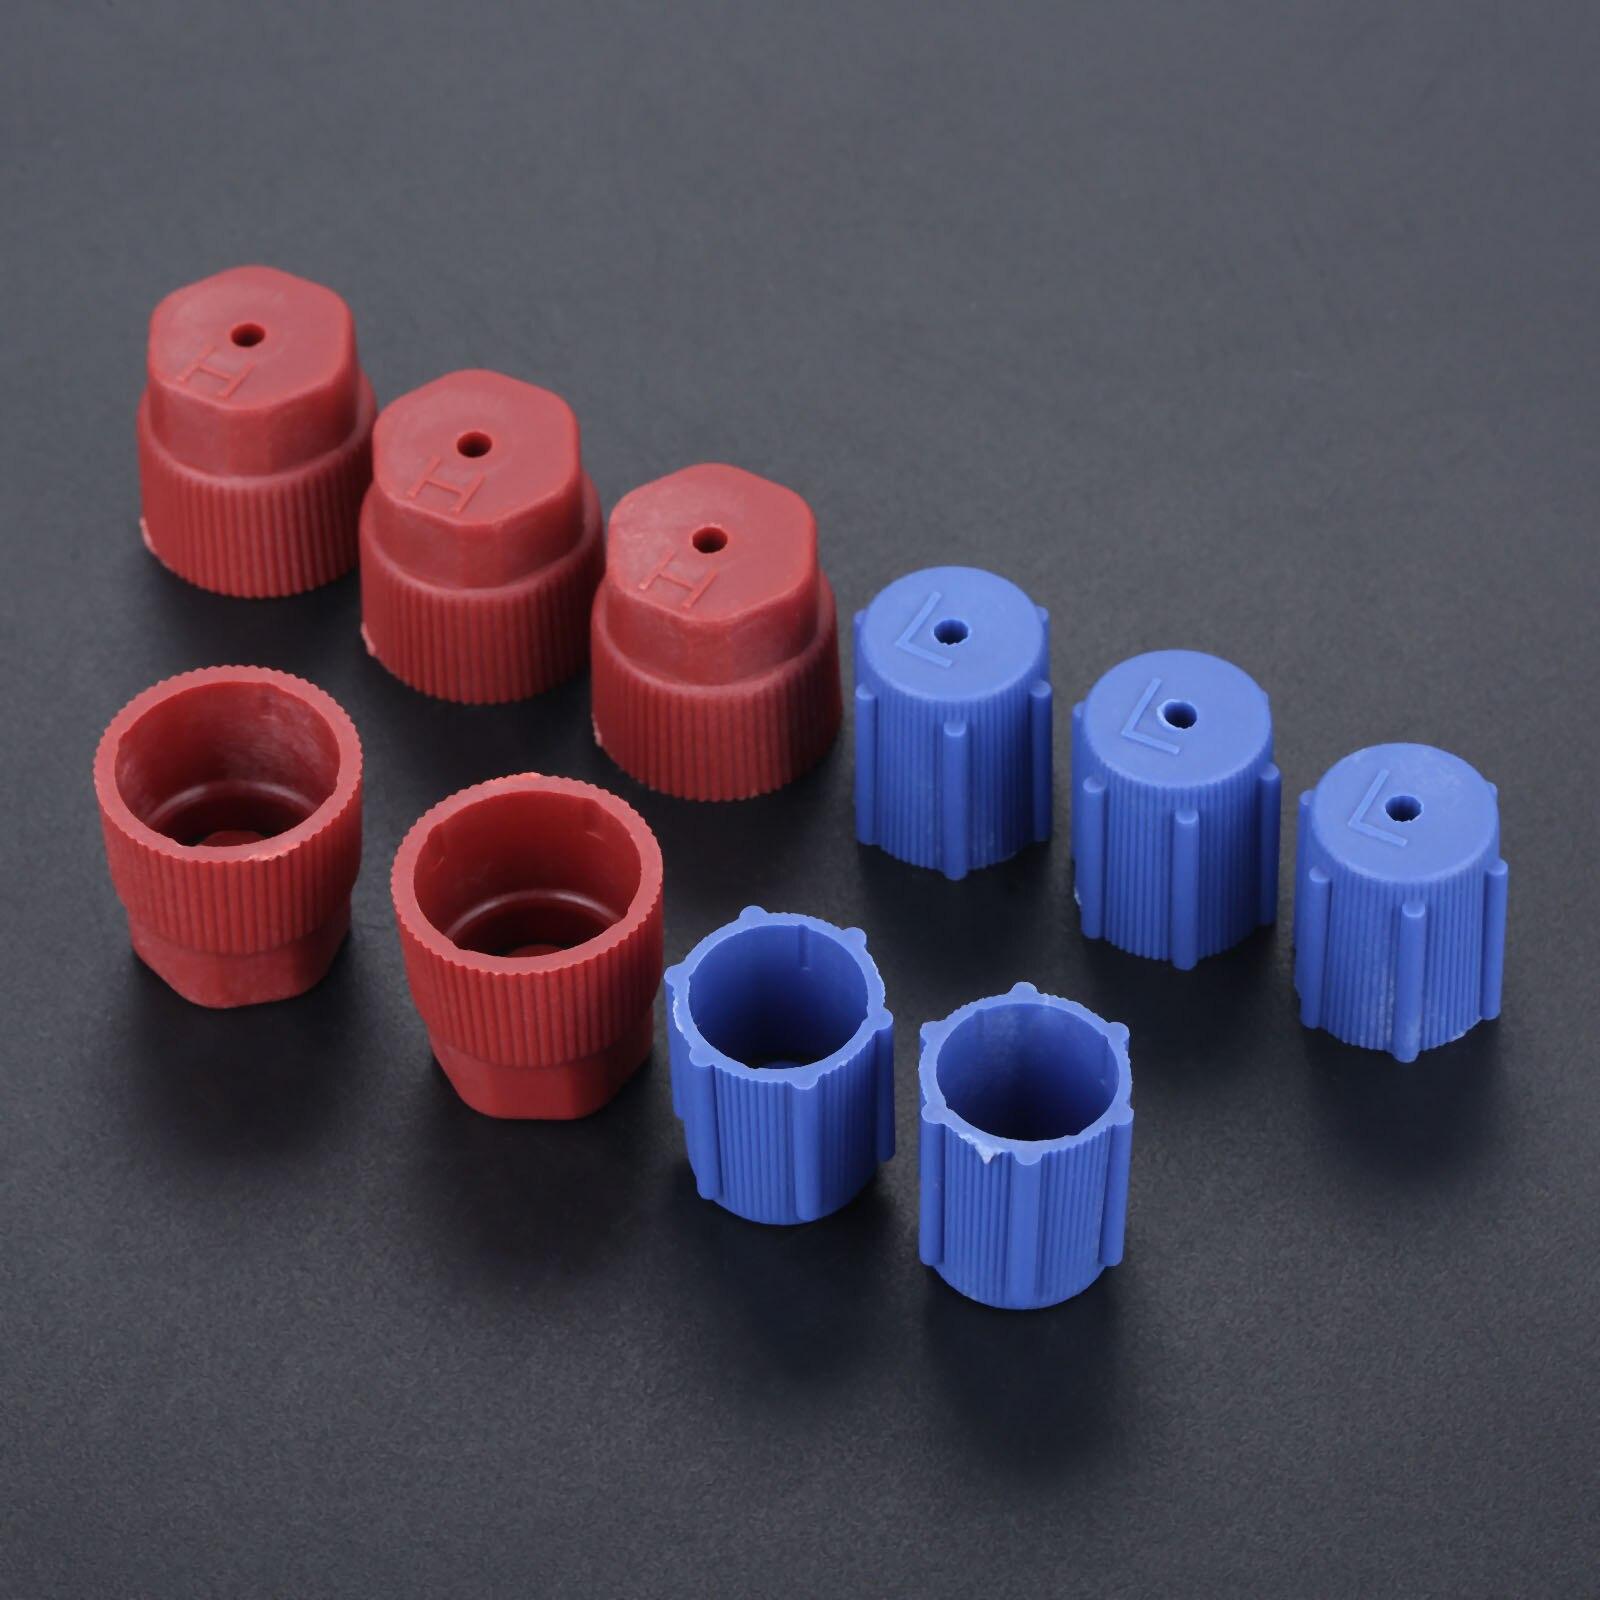 10 unidades de tapas de servicio de puerto de carga A/C para coche R134a, tapas laterales altas y bajas, tapas de CA rojas y azules, accesorios de aire acondicionado de 13mm y 16mm